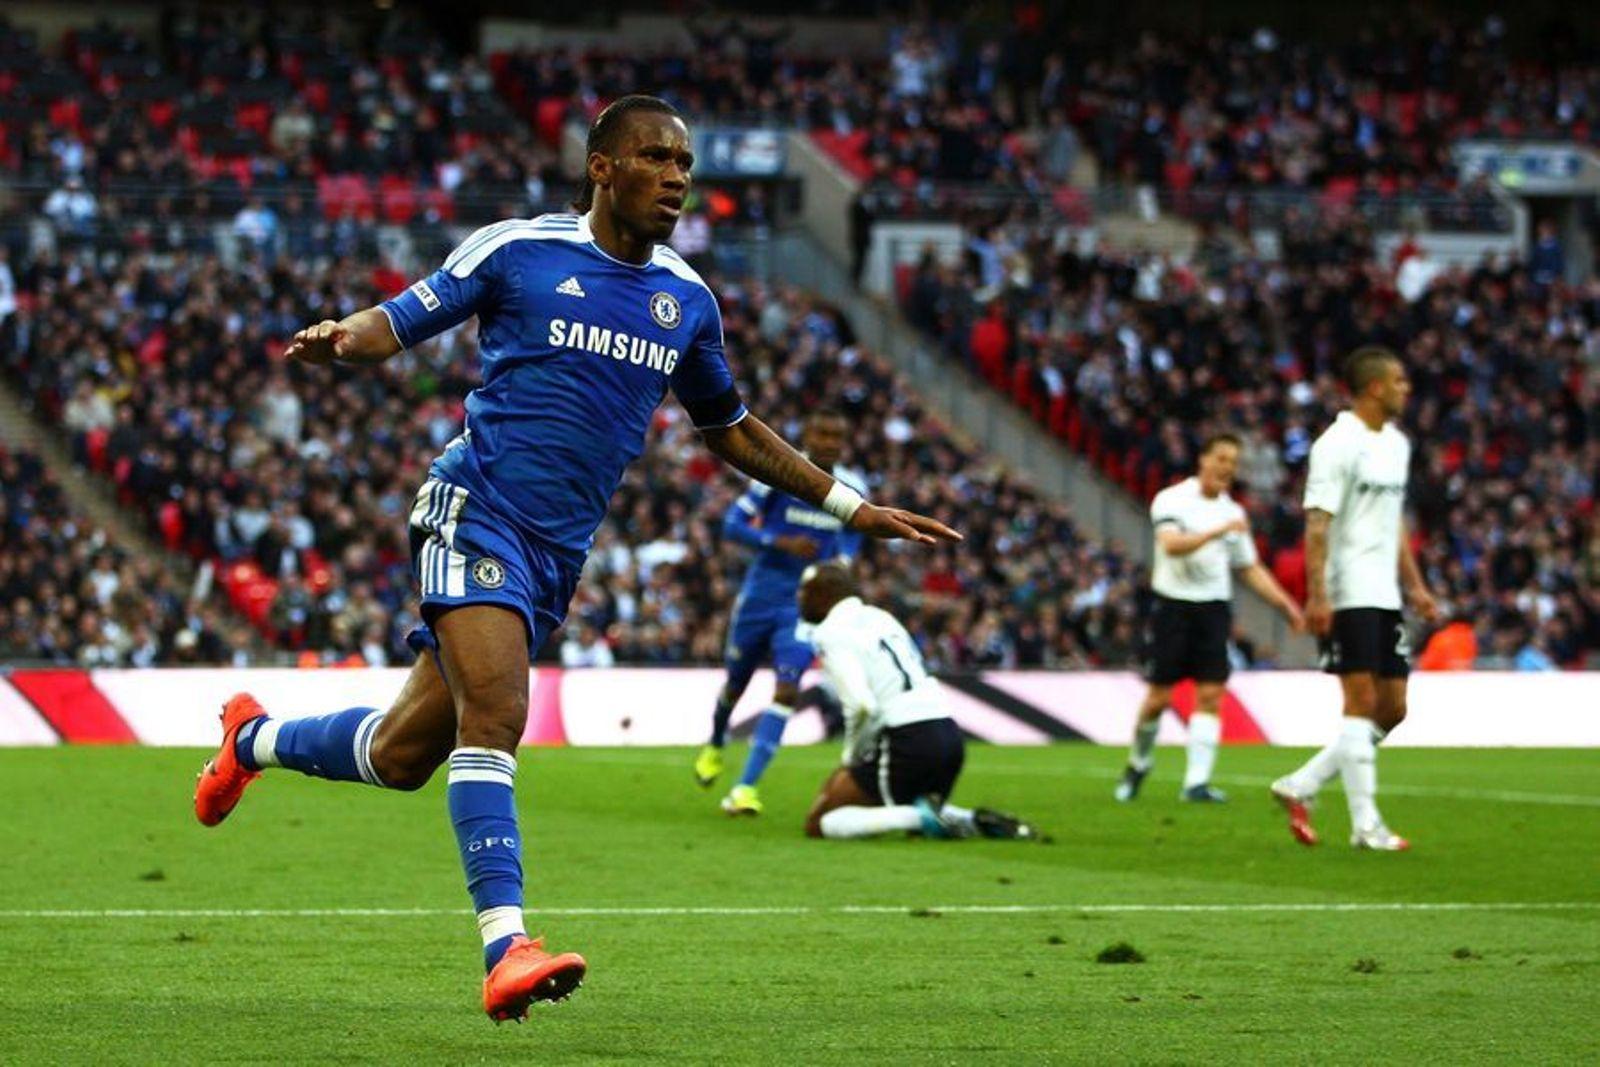 Didier Drogba apunta a tener una buena tarde contra Spurs